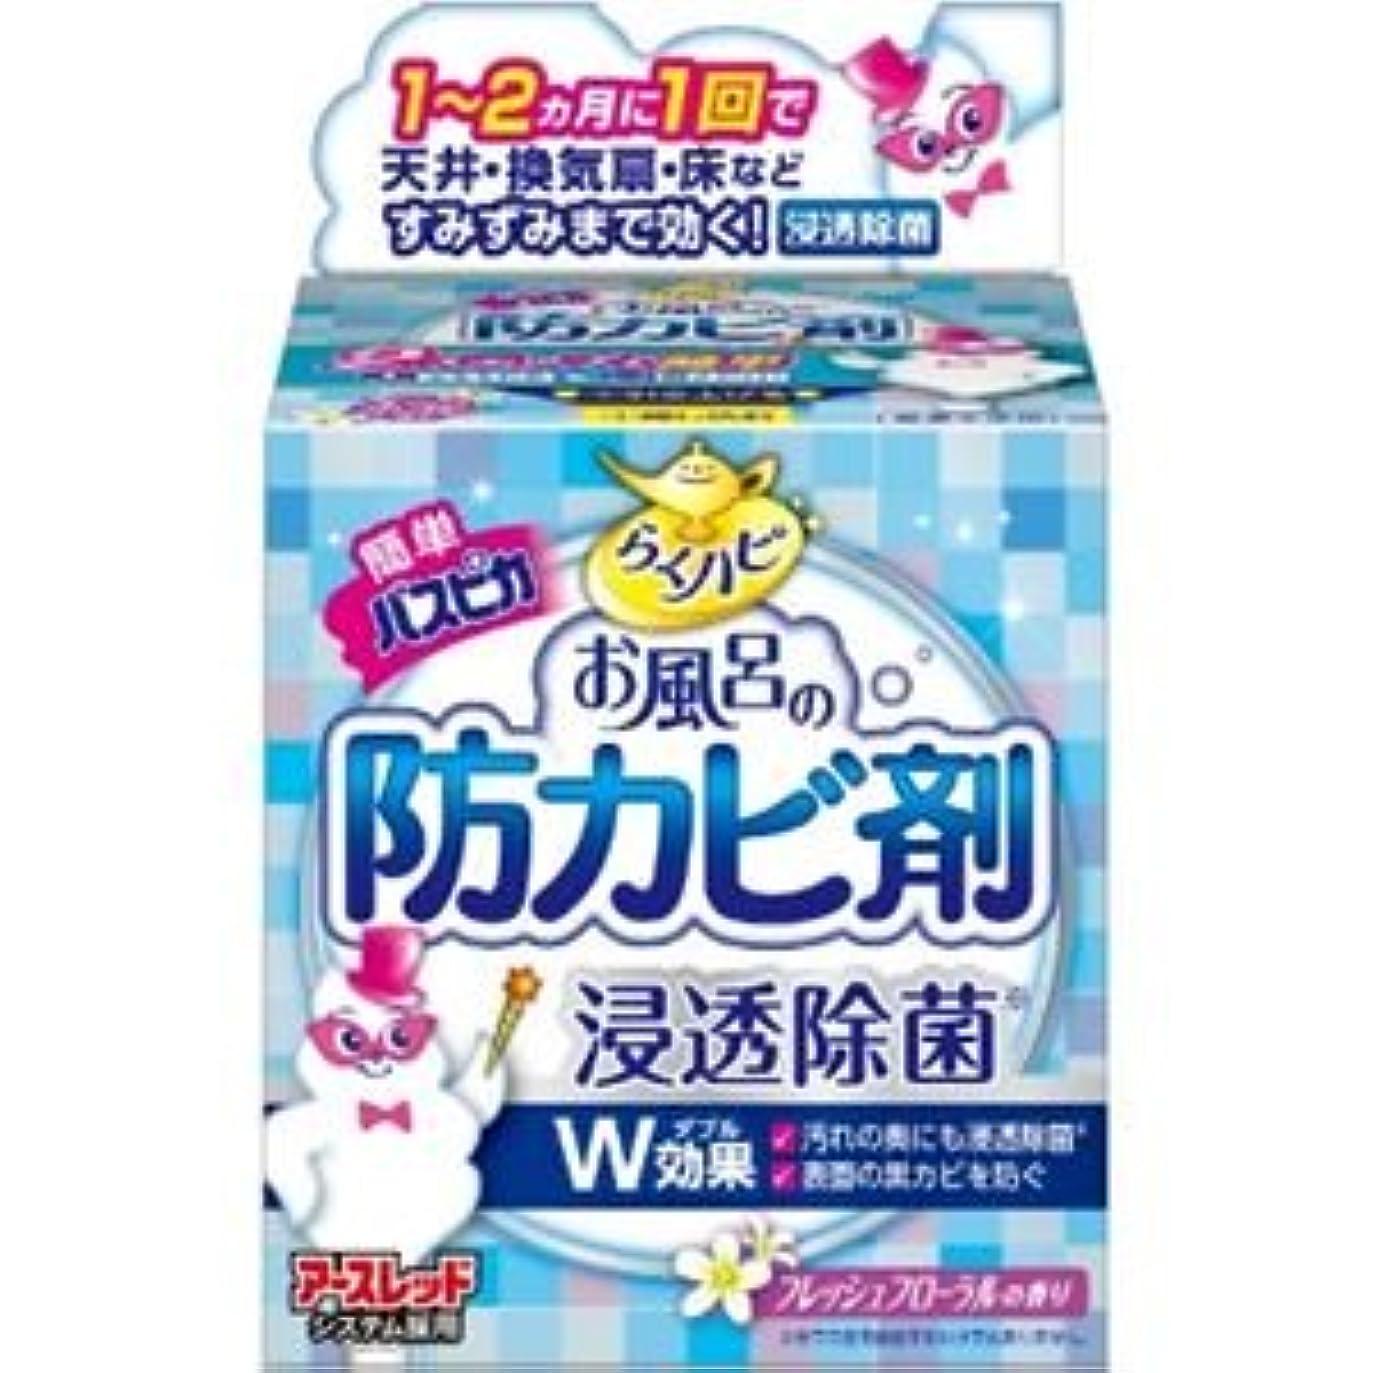 安全出身地トピック(まとめ)アース製薬 らくハピお風呂の防カビ剤フローラルの香り 【×3点セット】